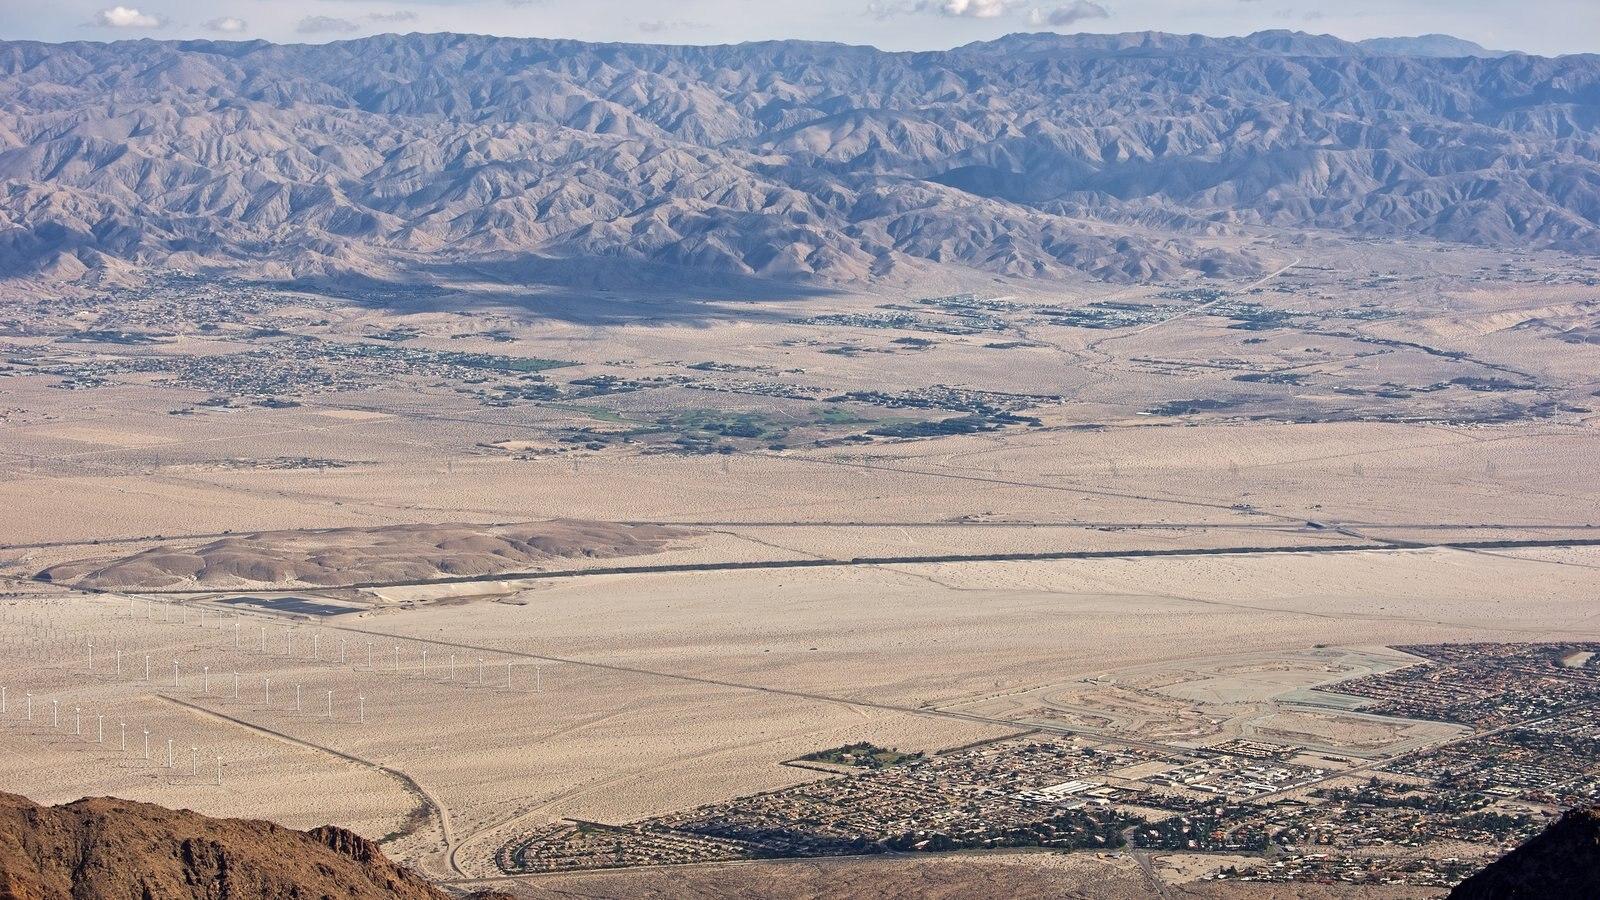 Teleférico de Palm Springs ofreciendo vistas de paisajes y vistas al desierto